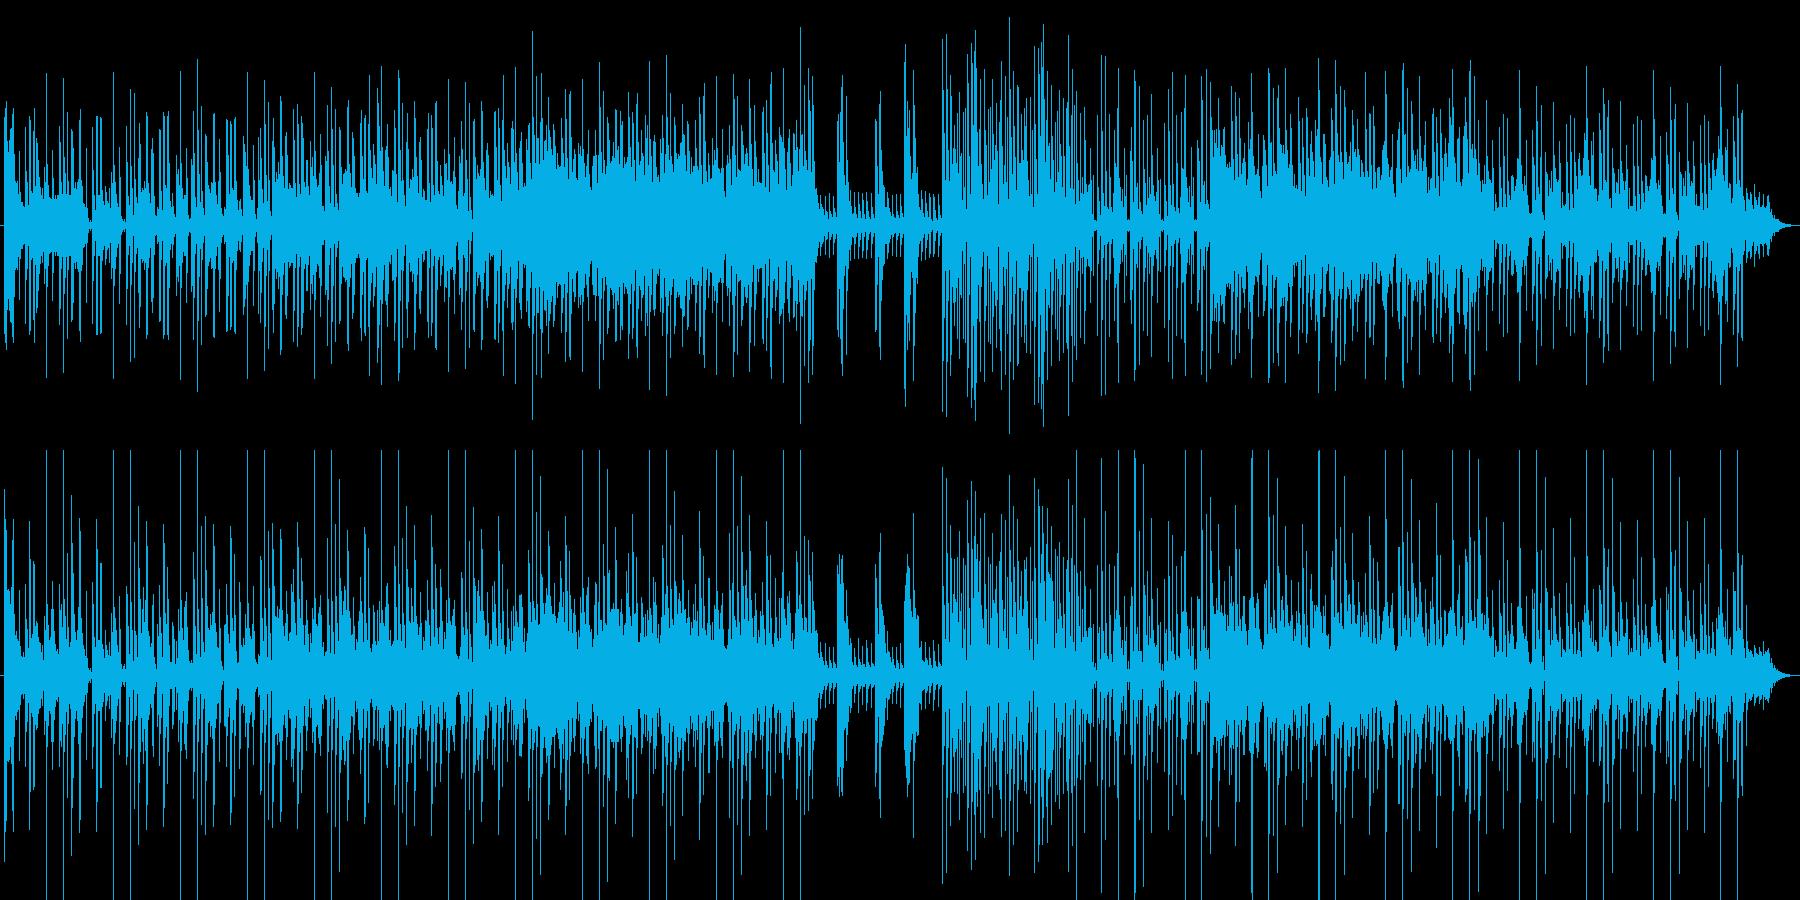 違和感を感じたときのエスニック系BGMの再生済みの波形